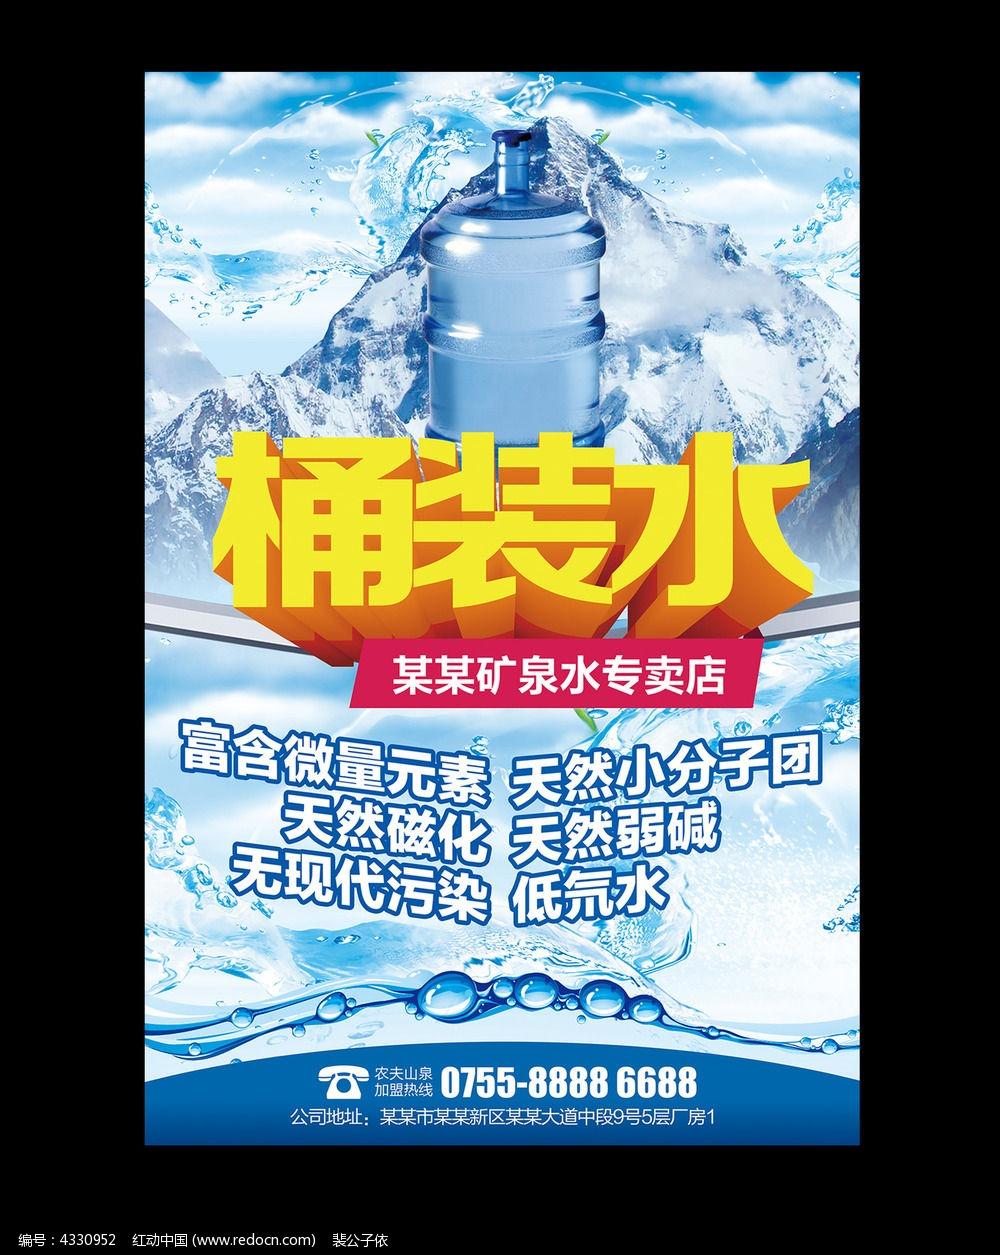 原创设计稿 海报设计/宣传单/广告牌 海报设计 乔戈里冰川桶装水加盟